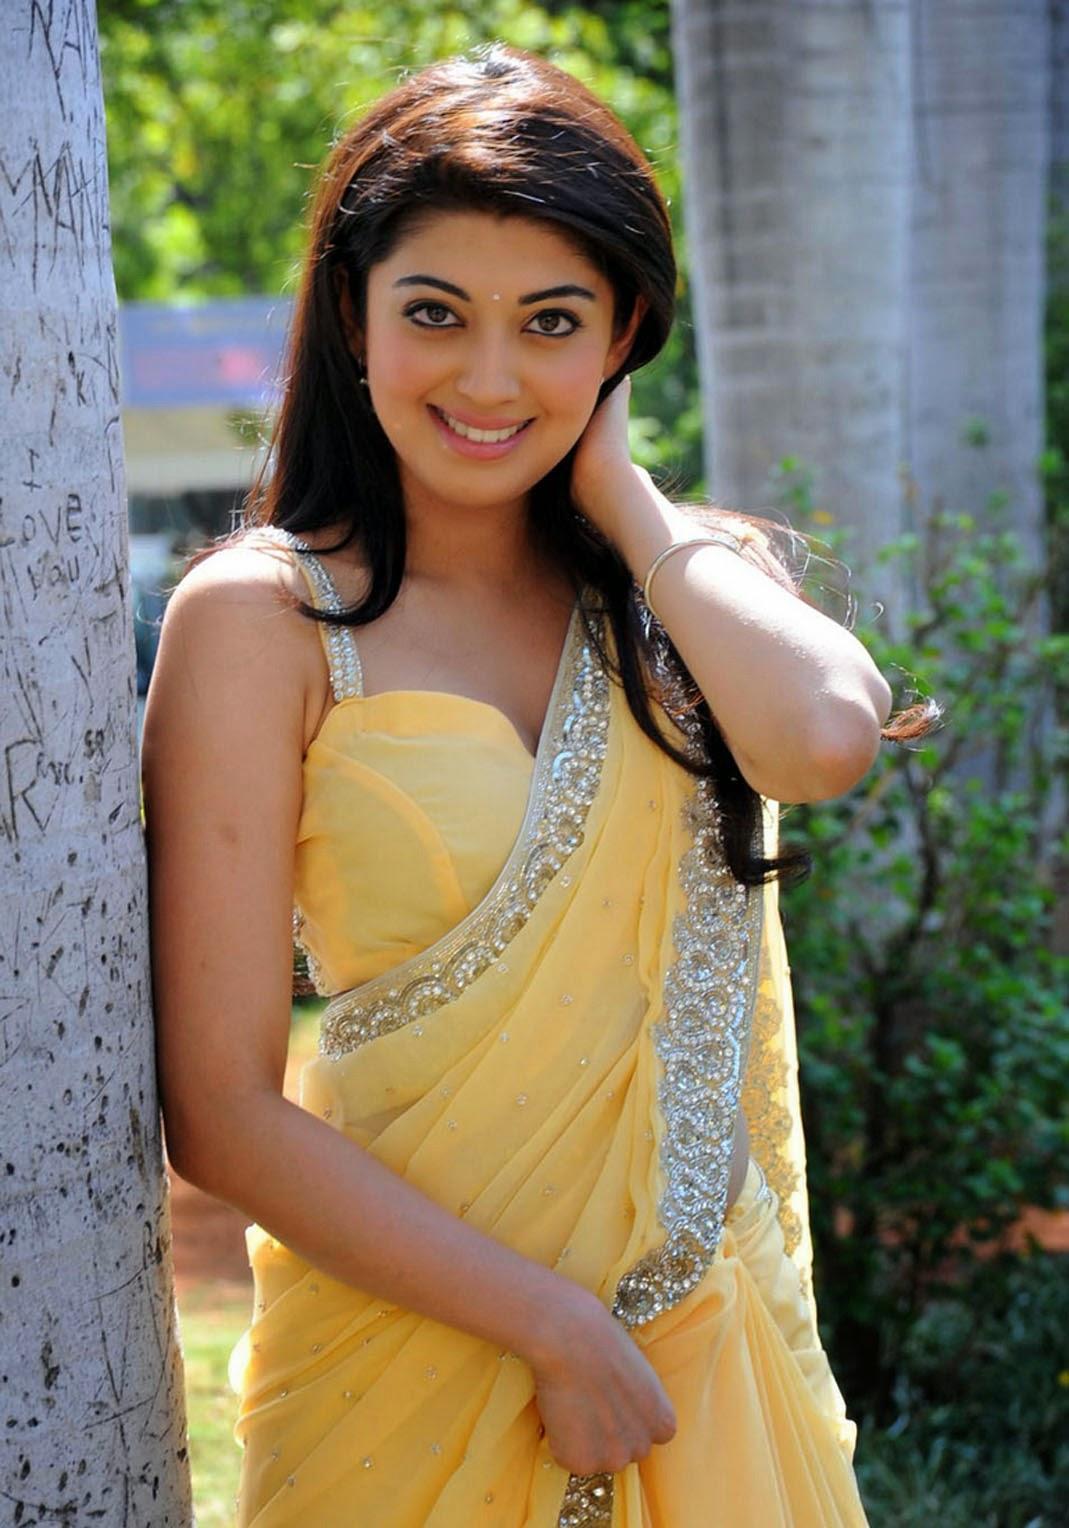 Filmy Girls: Pranitha In Saree